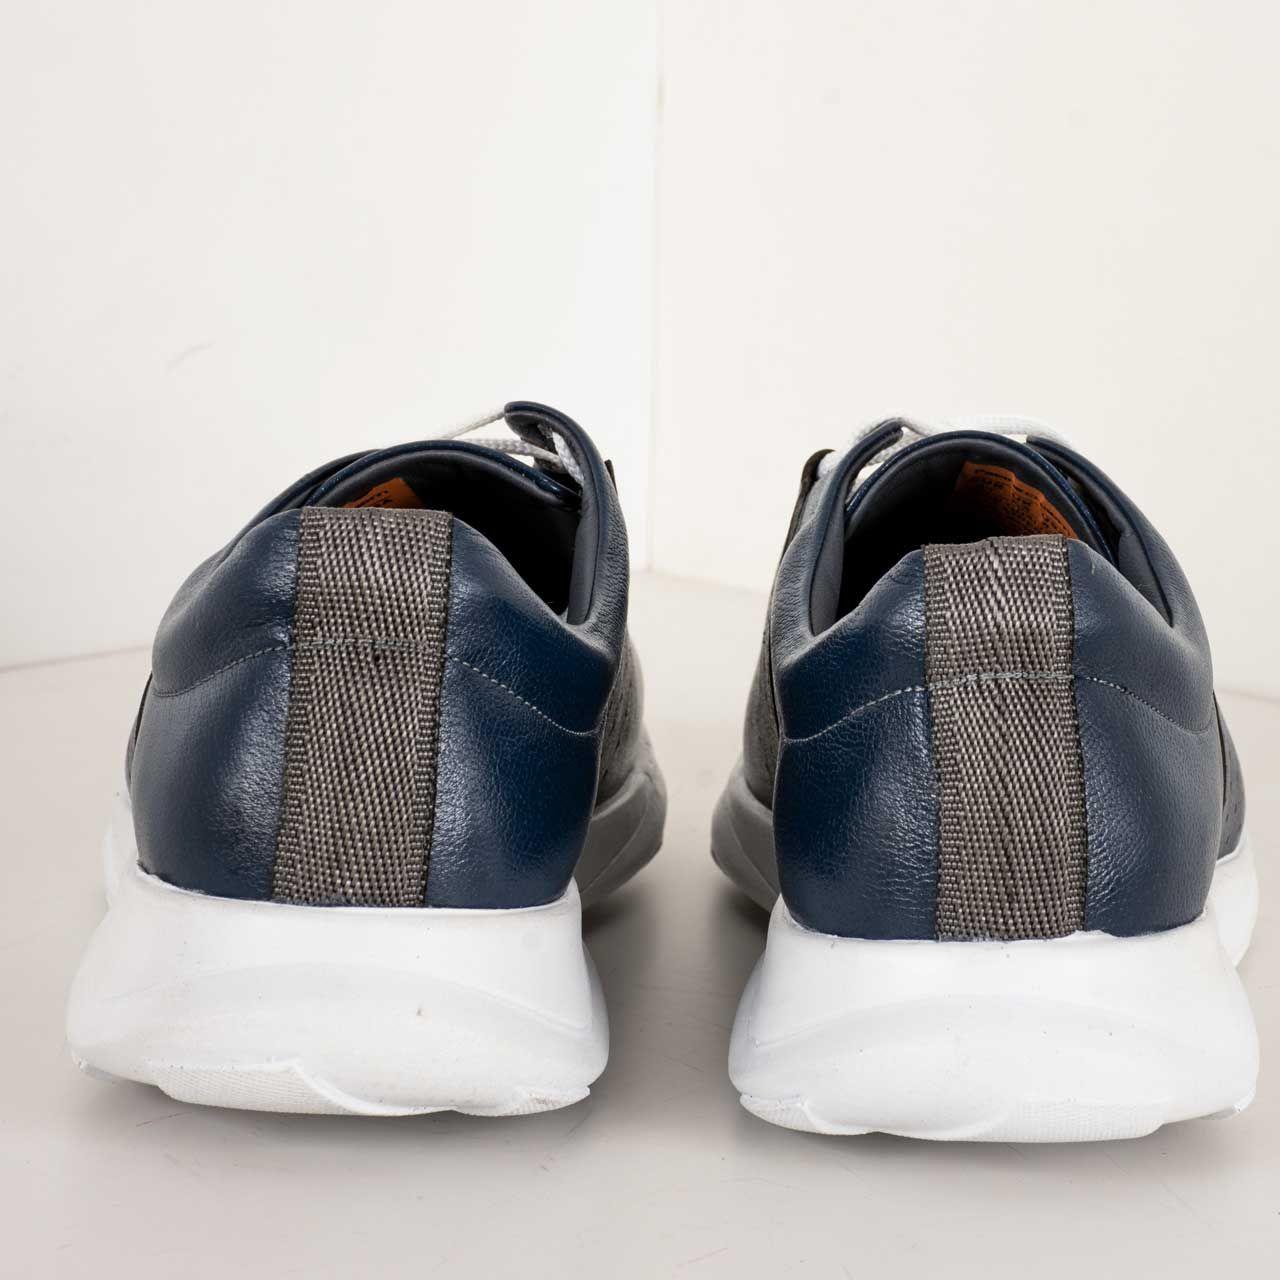 کفش روزمره مردانه پارینه چرم مدل SHO176-11 -  - 8